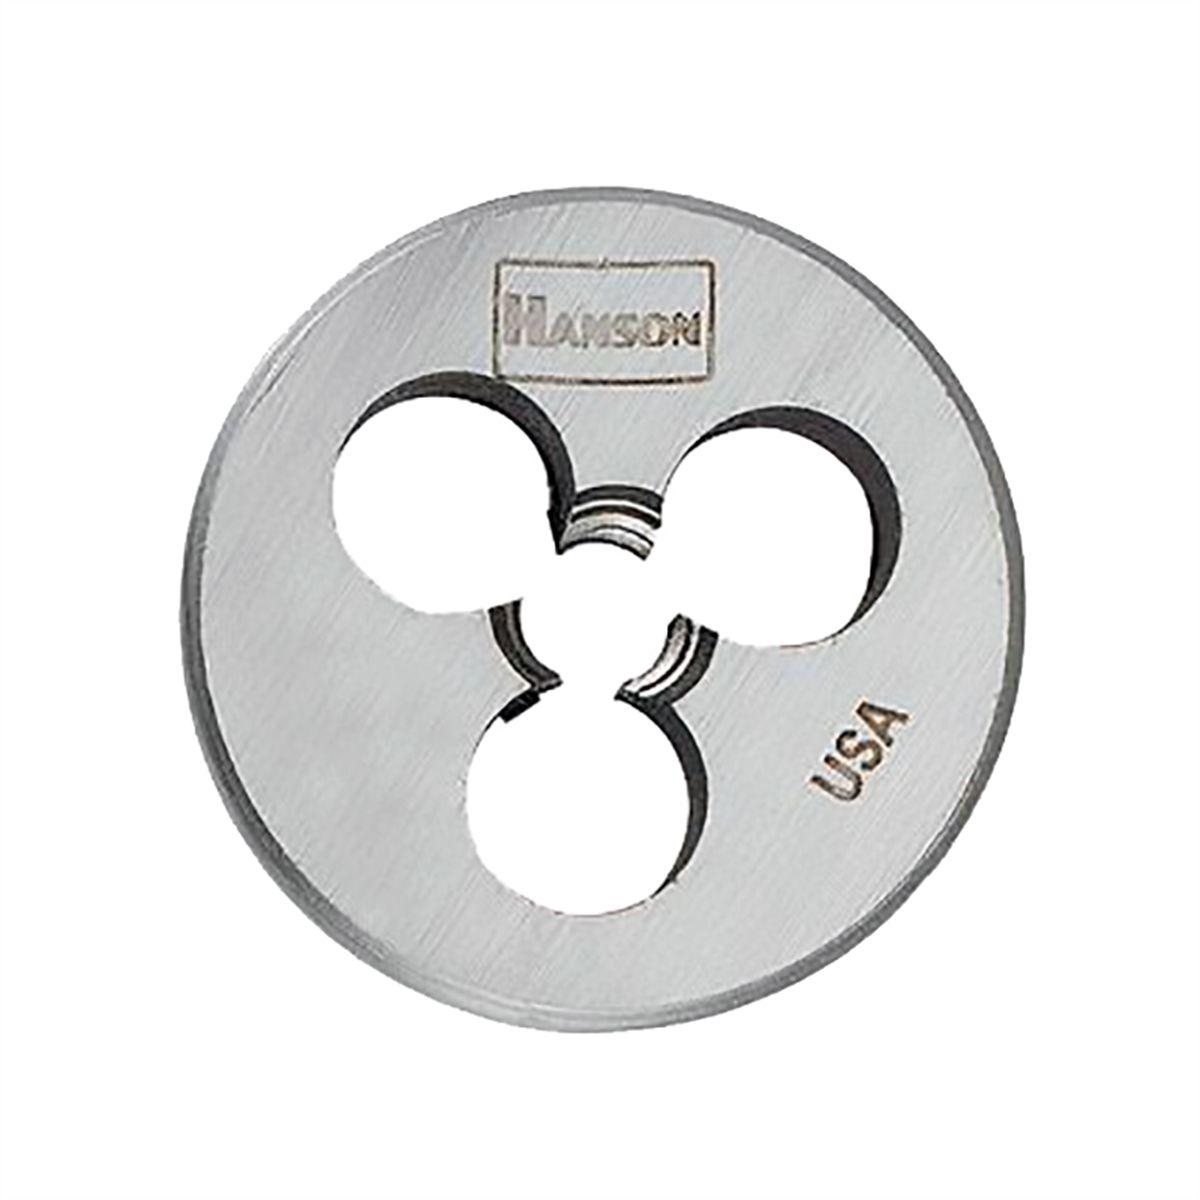 DS-1-1//2 Die Stock for 1-1//2 diameter round dies